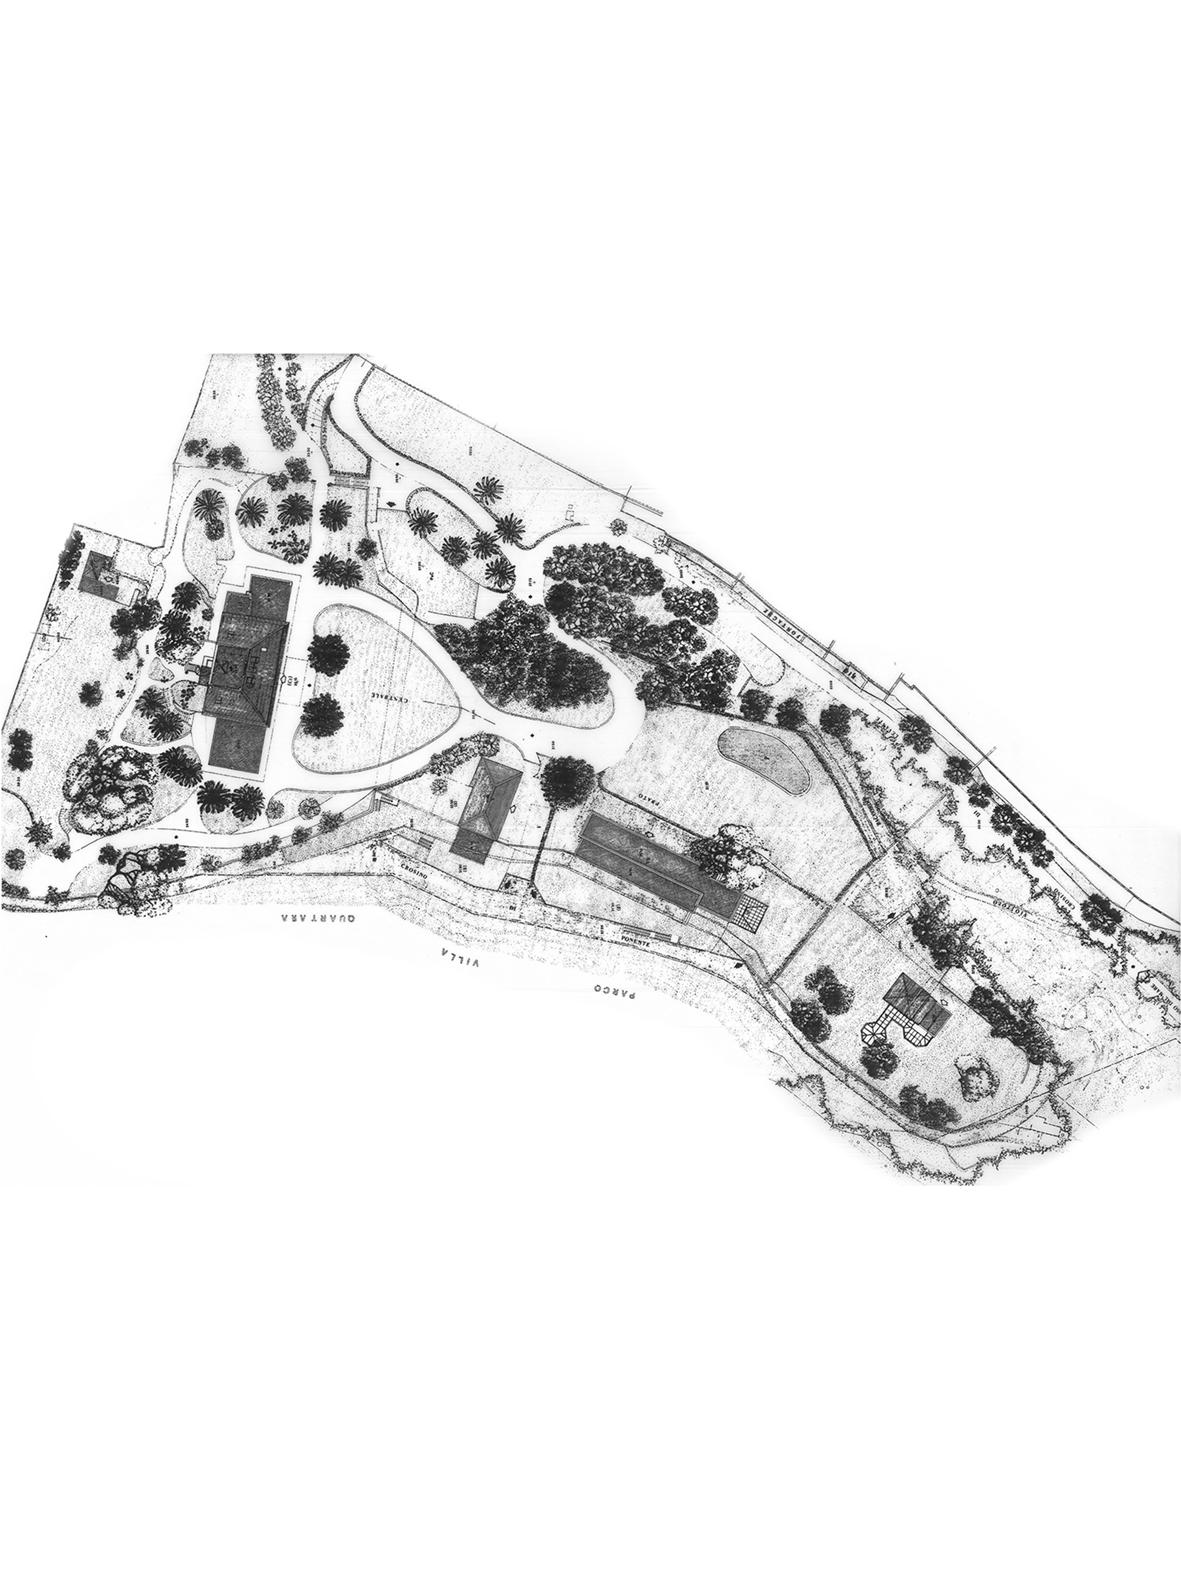 villa carrara_planimetria_masterplan